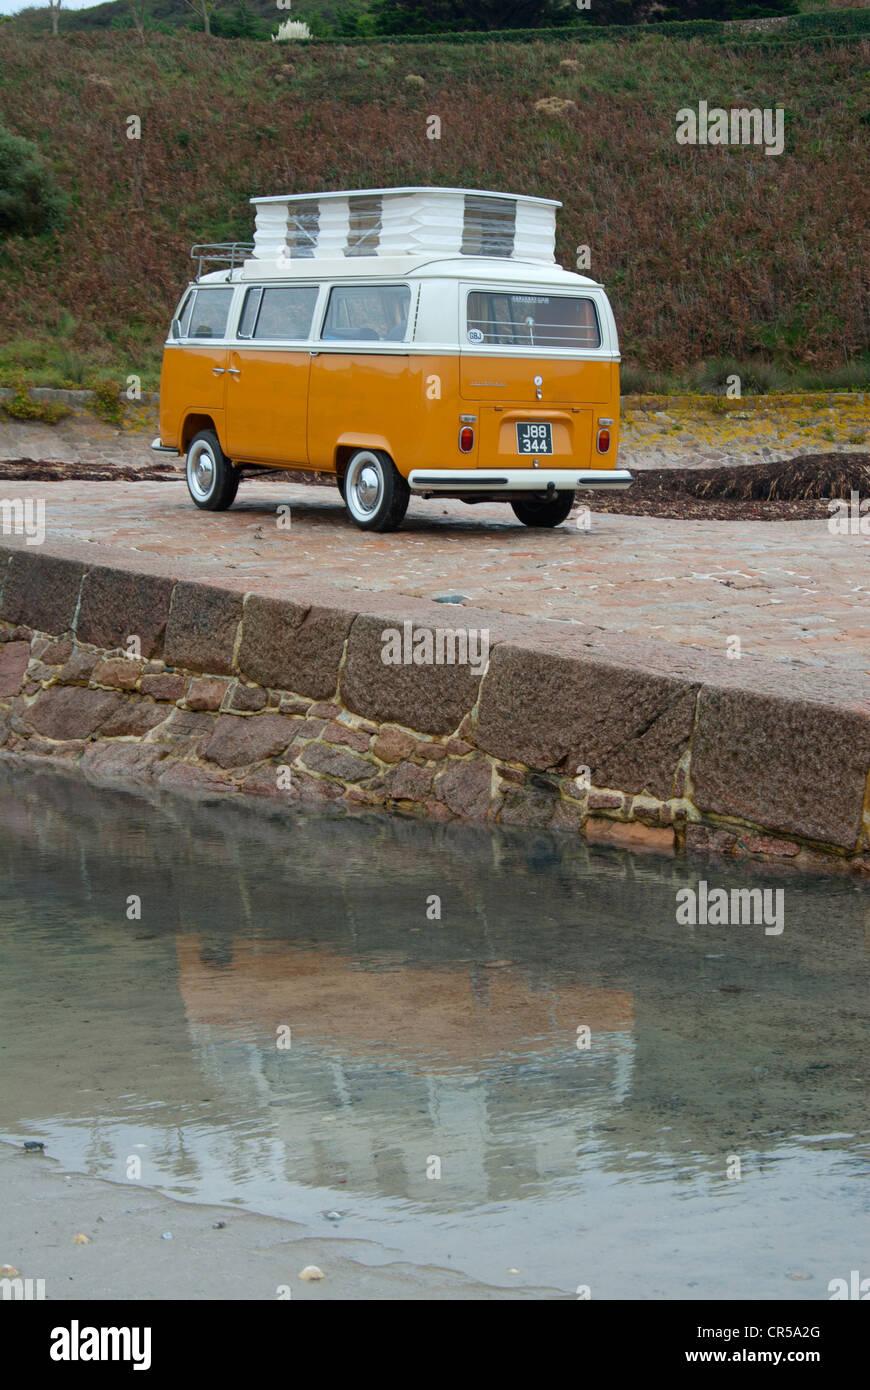 Bay window VW camper van - Stock Image